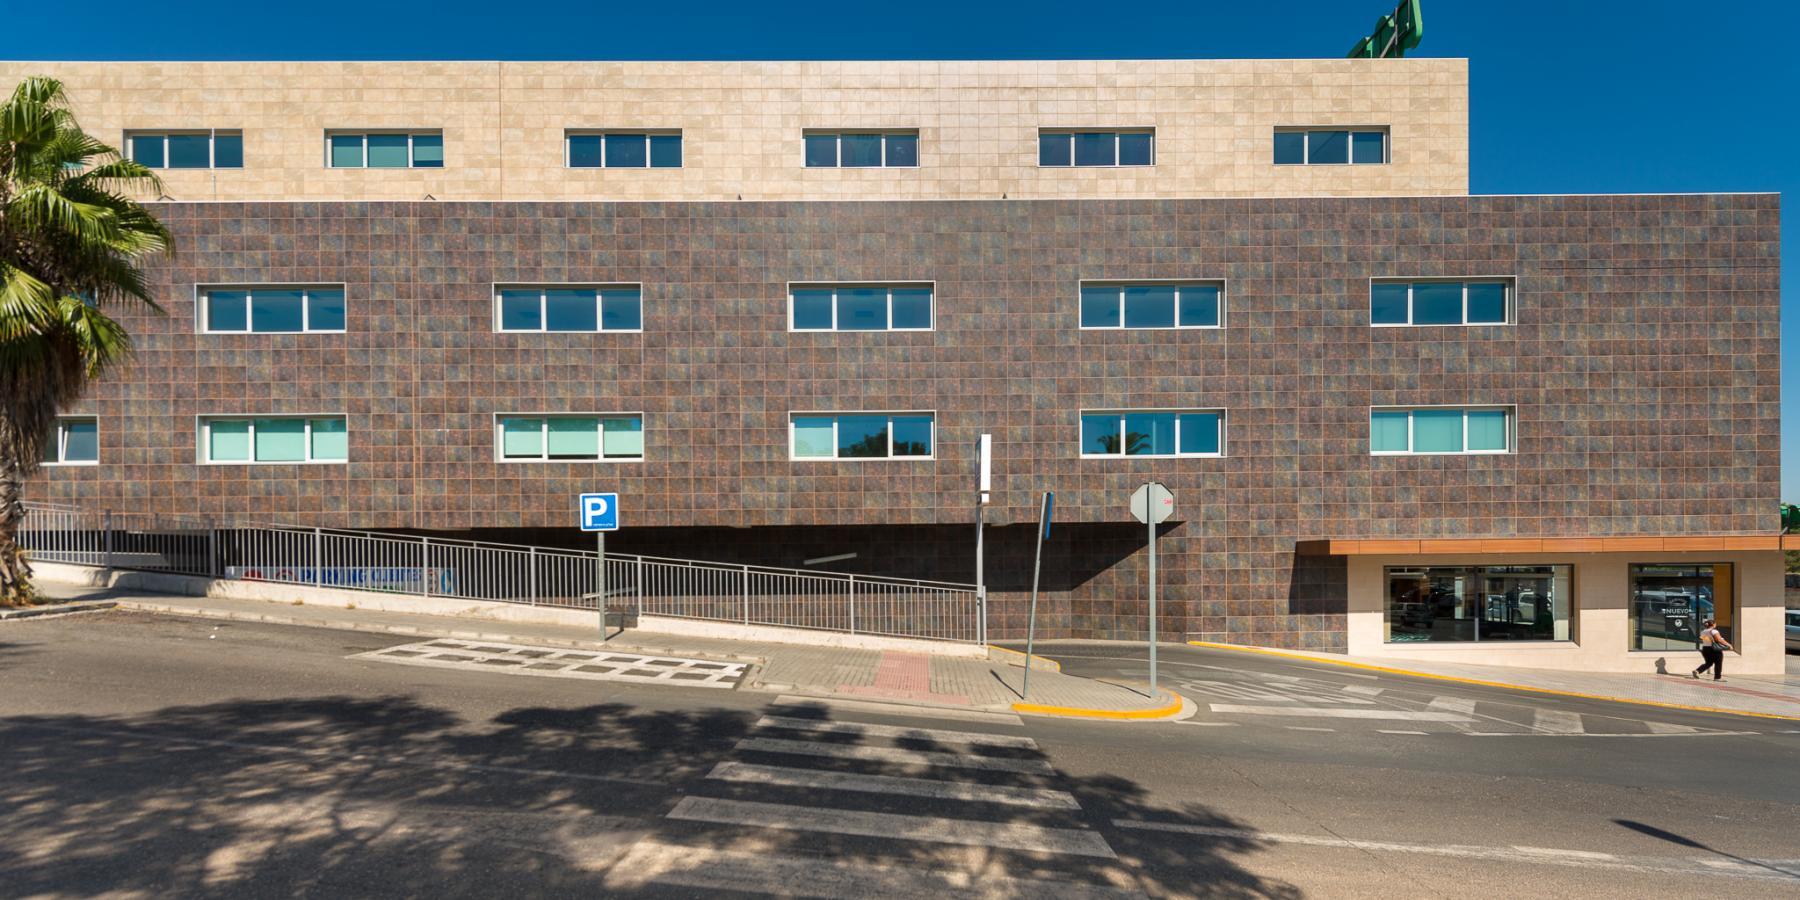 Alquilar oficinas Avenida de la Arboleda 4, Tomares (1)